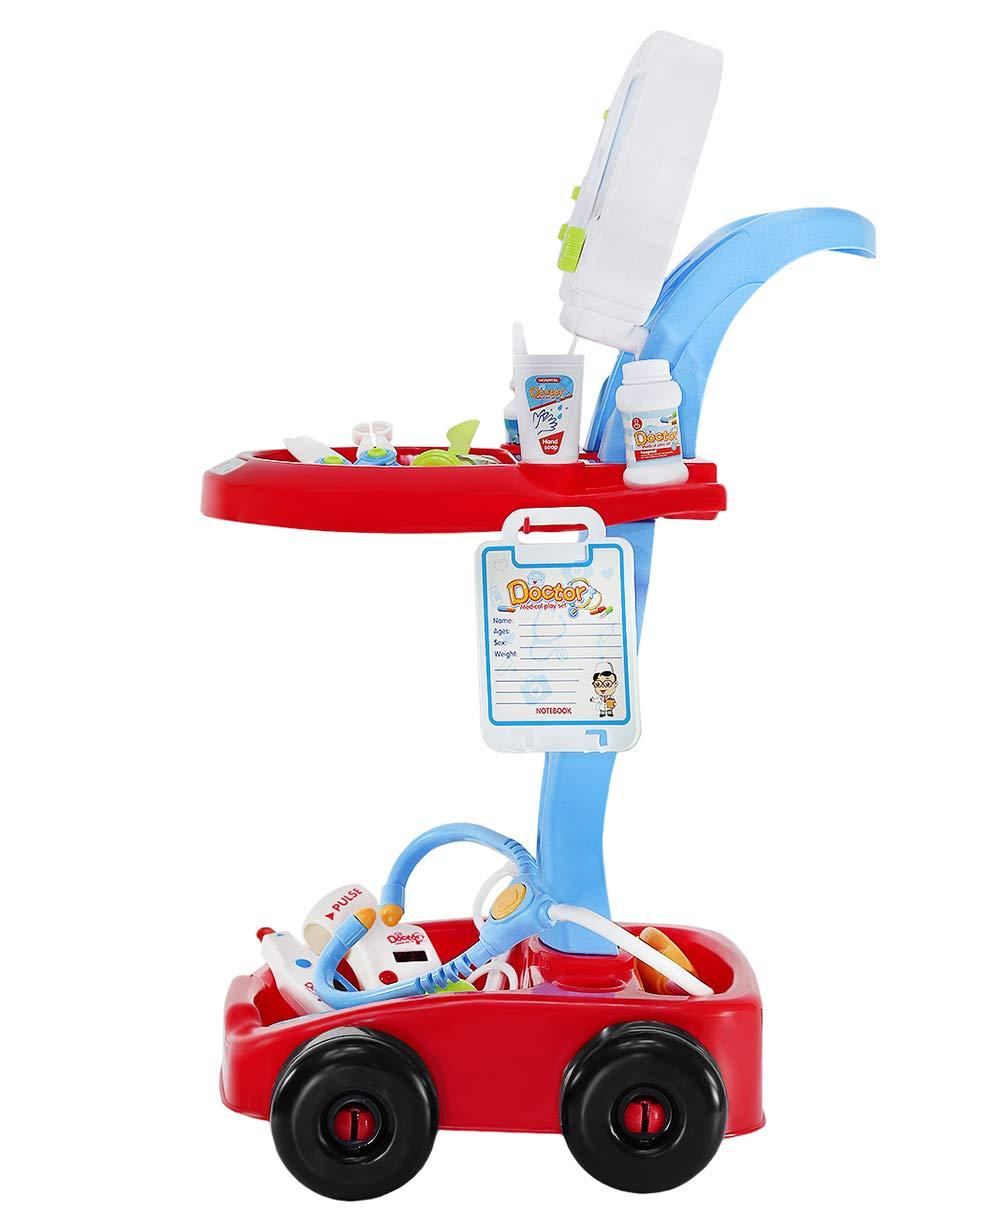 ISO TRADE Set de Juguetes Médicos Pequeño Doctor Accesorios Pequeño Doctor 18 Piezas Sonido Luz Carro para Niños Niño 6114: Amazon.es: Juguetes y juegos